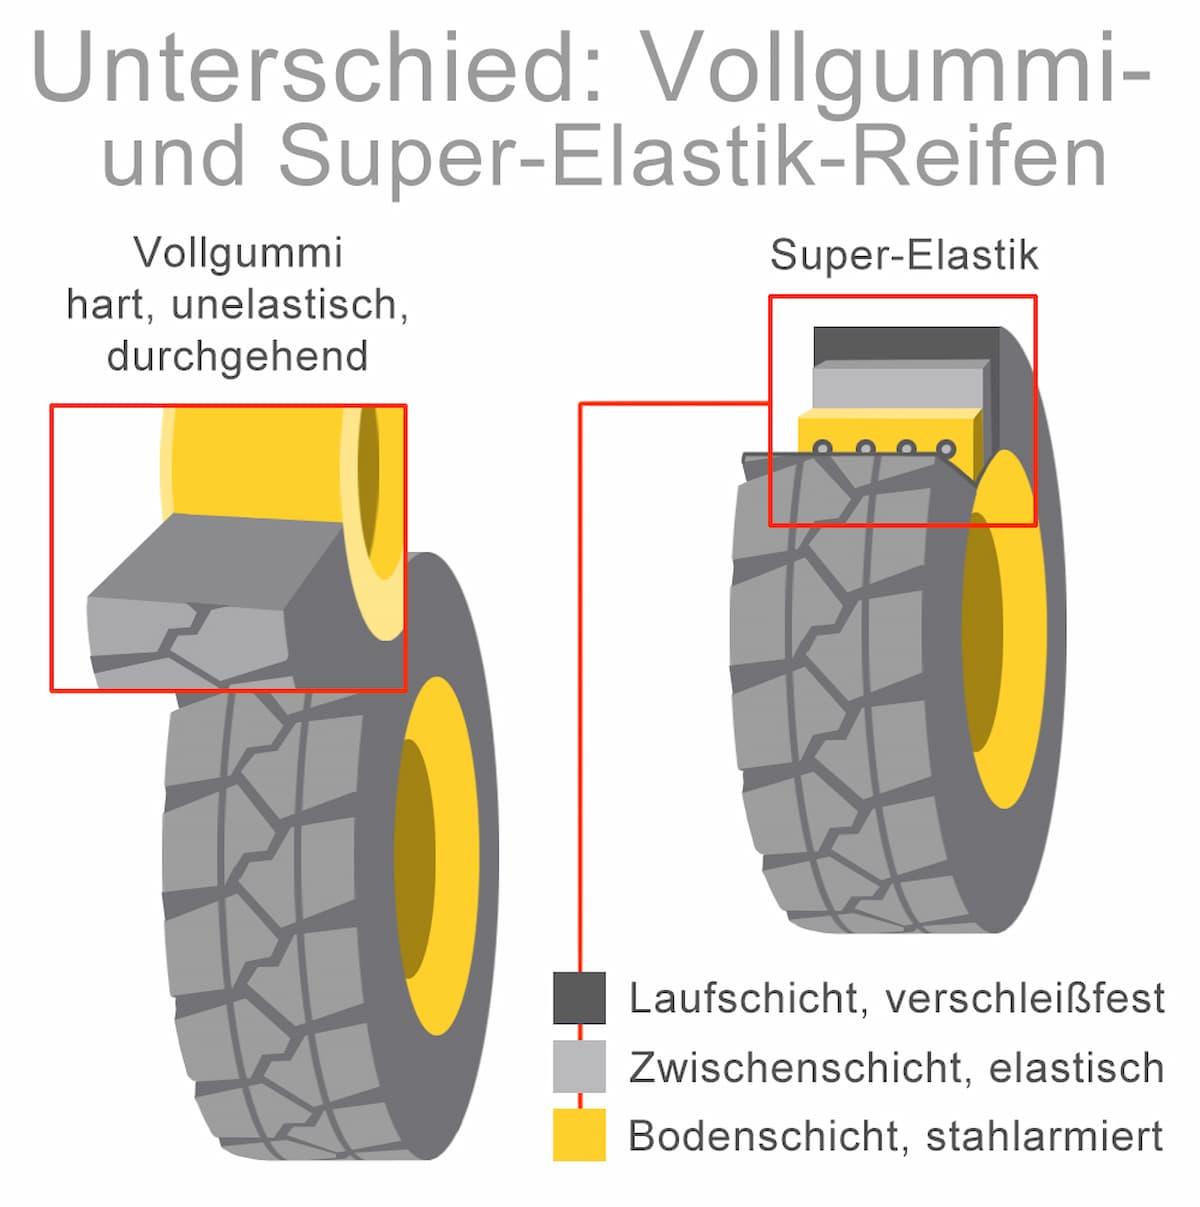 Unterschied Vollgummi- und Super-Elastik-Reifen